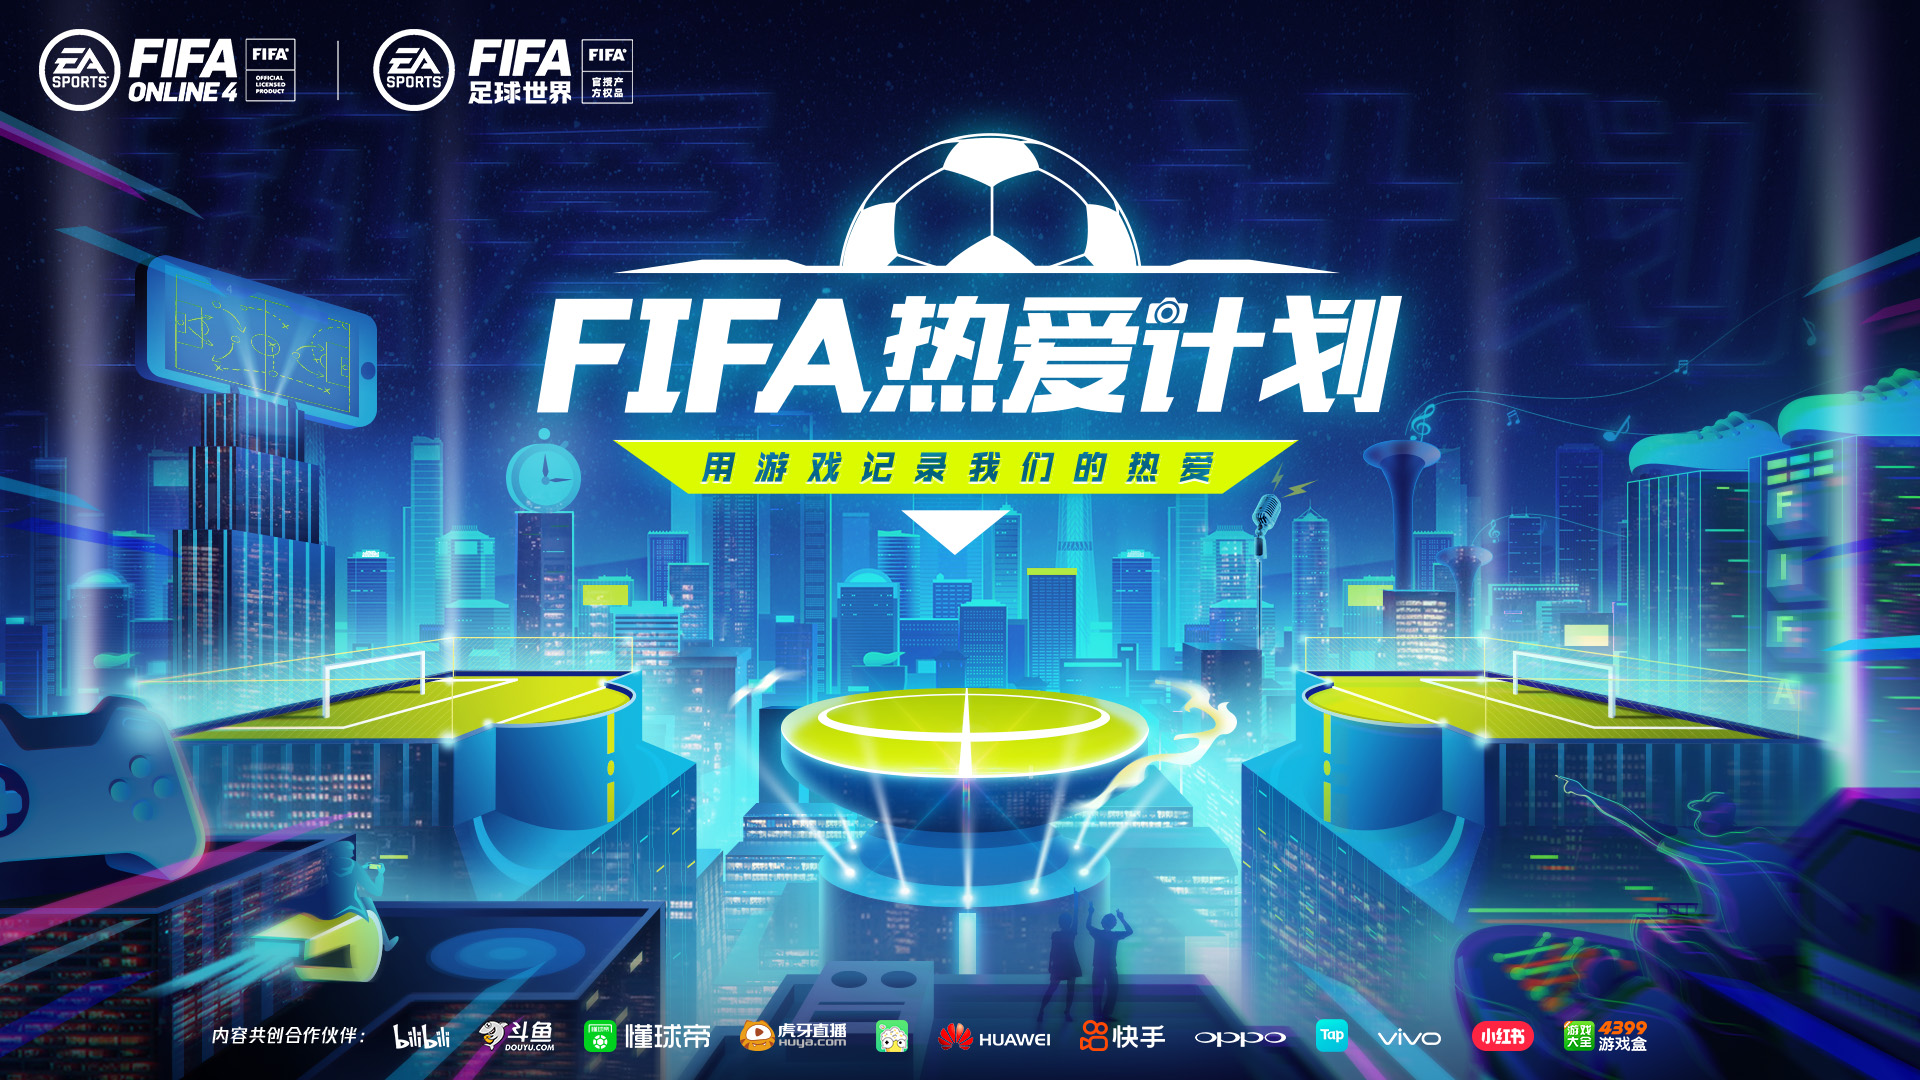 用游戏记录热爱,FIFA热爱计划重磅推出!